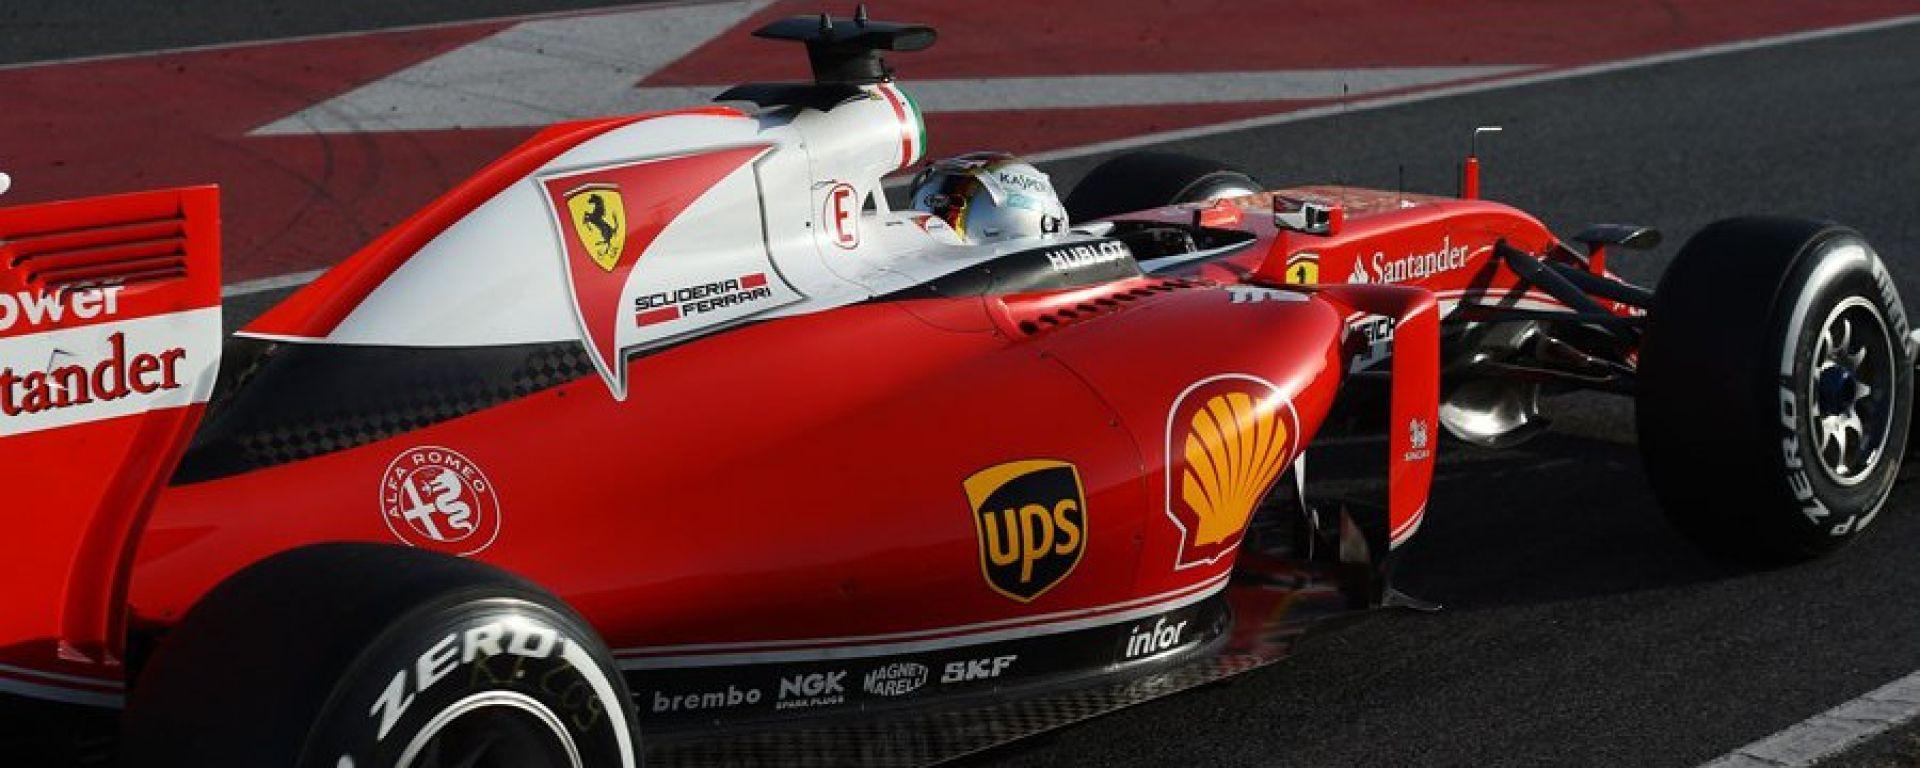 F1 2016: Ecco le mescole per il GP della Russia